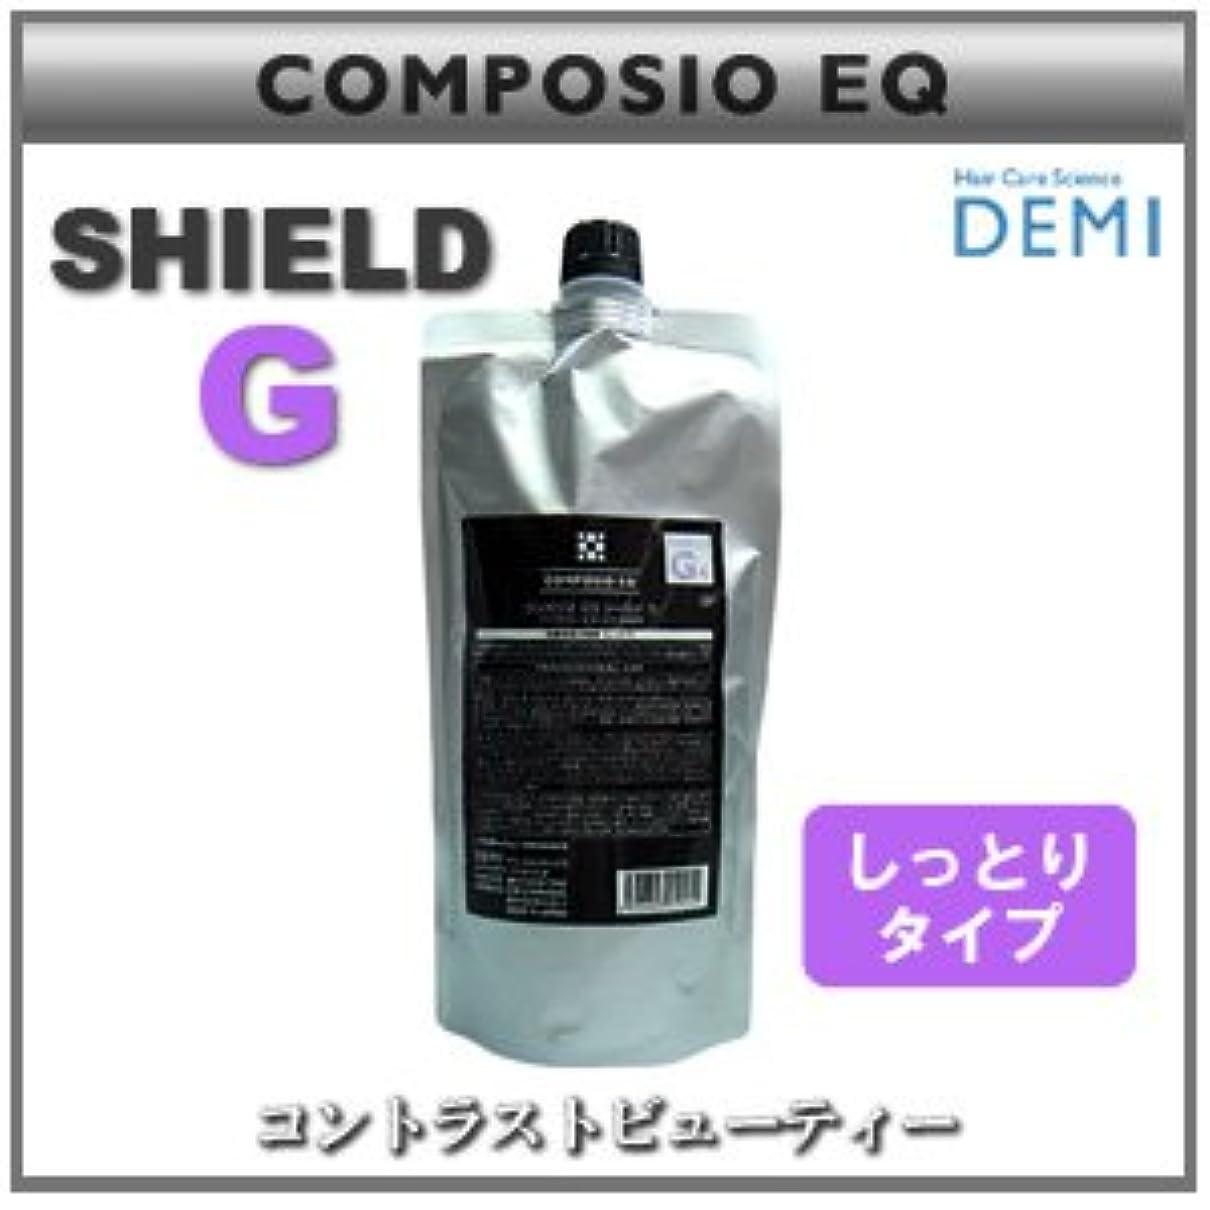 反乱落ちた前進【X2個セット】 デミ コンポジオ EQ シールド G 450g